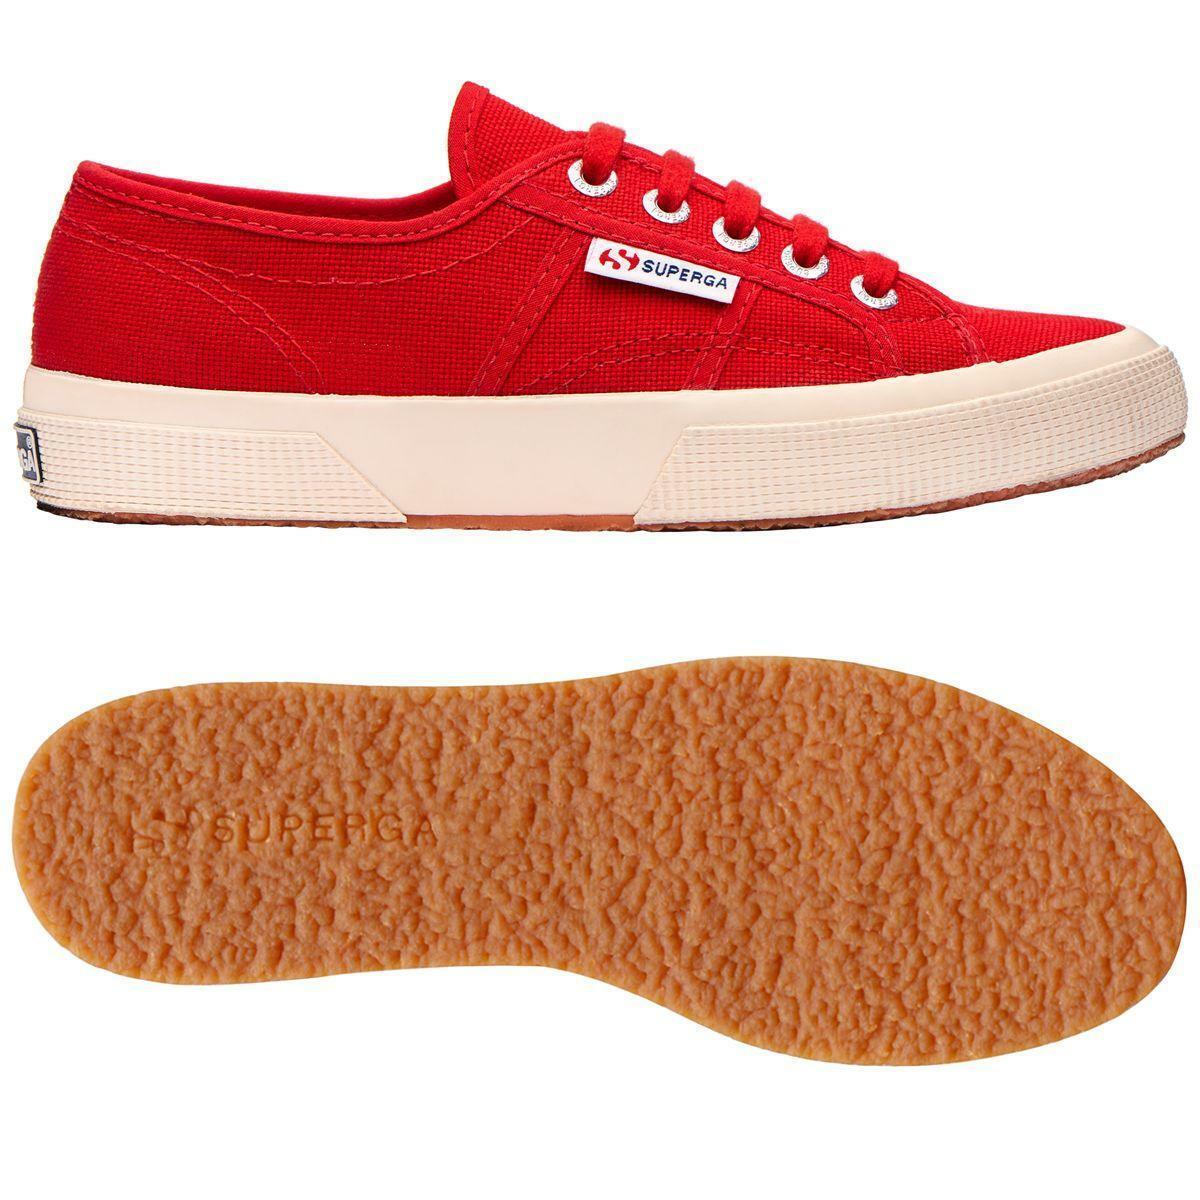 superga superga 2750 cotu classic sneakers unisex red